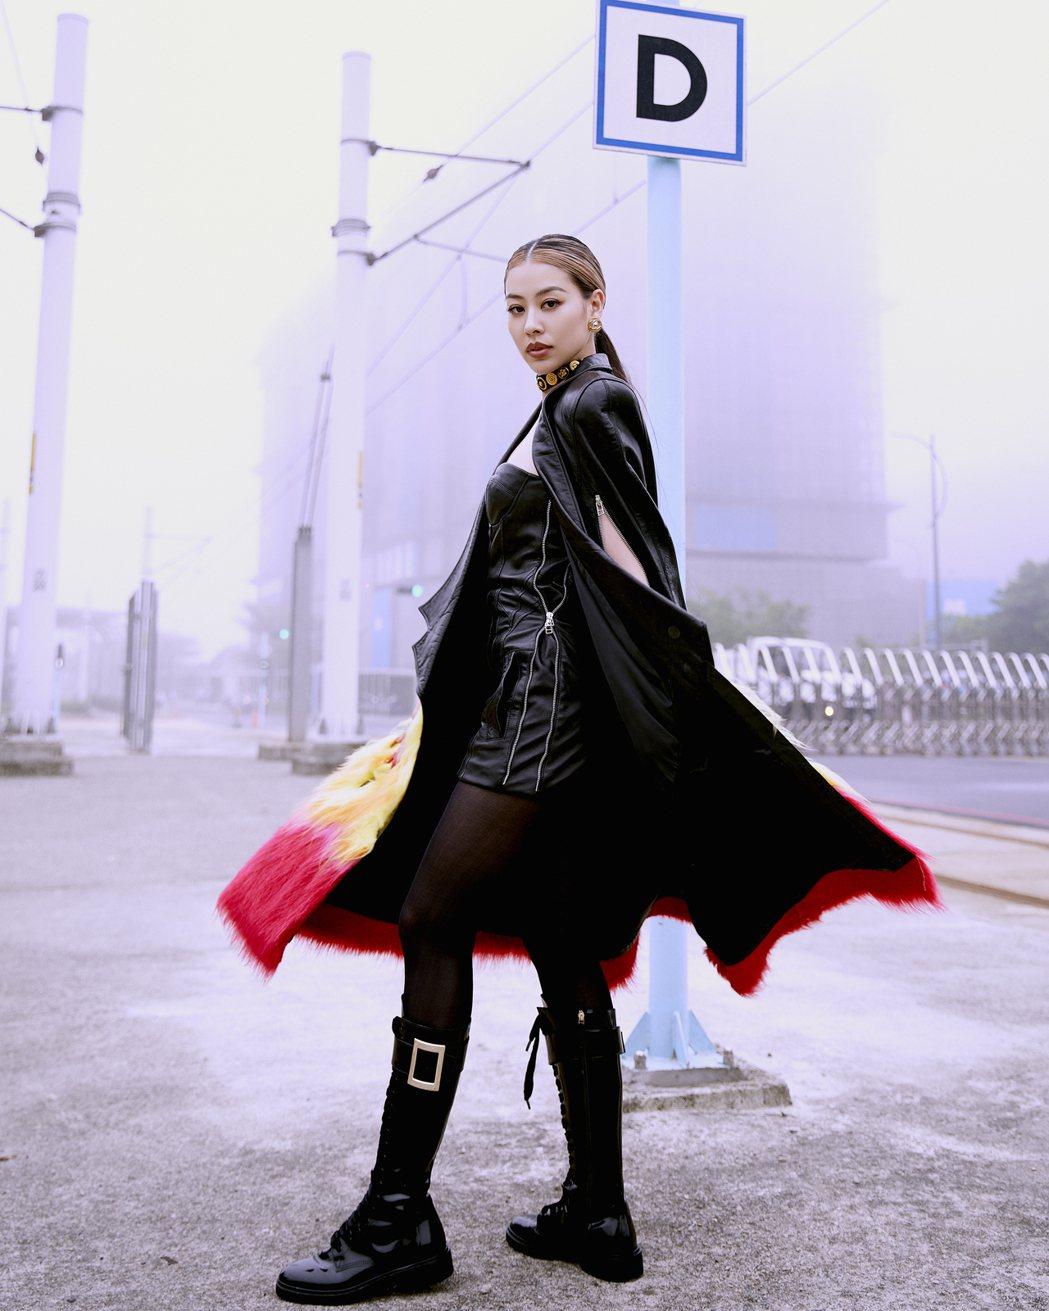 蔡詩芸在新歌「Wifey」MV展現女力的爆發與精神象徵。圖/瑩音樂提供